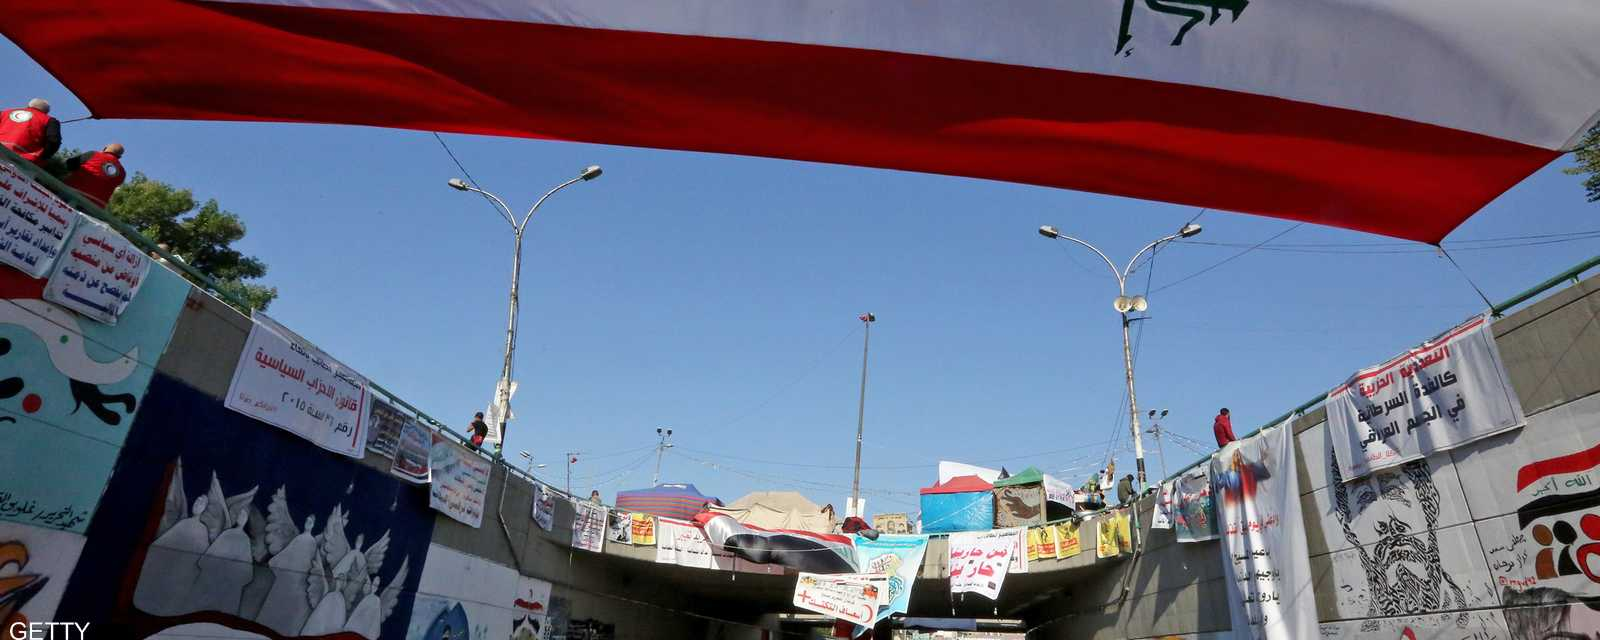 اجتاحت التظاهرات بغداد ومدن الجنوب، وقوبلت التظاهرات برد فعل عنيف من القوات الأمنية باطلاق الرصاص الحي